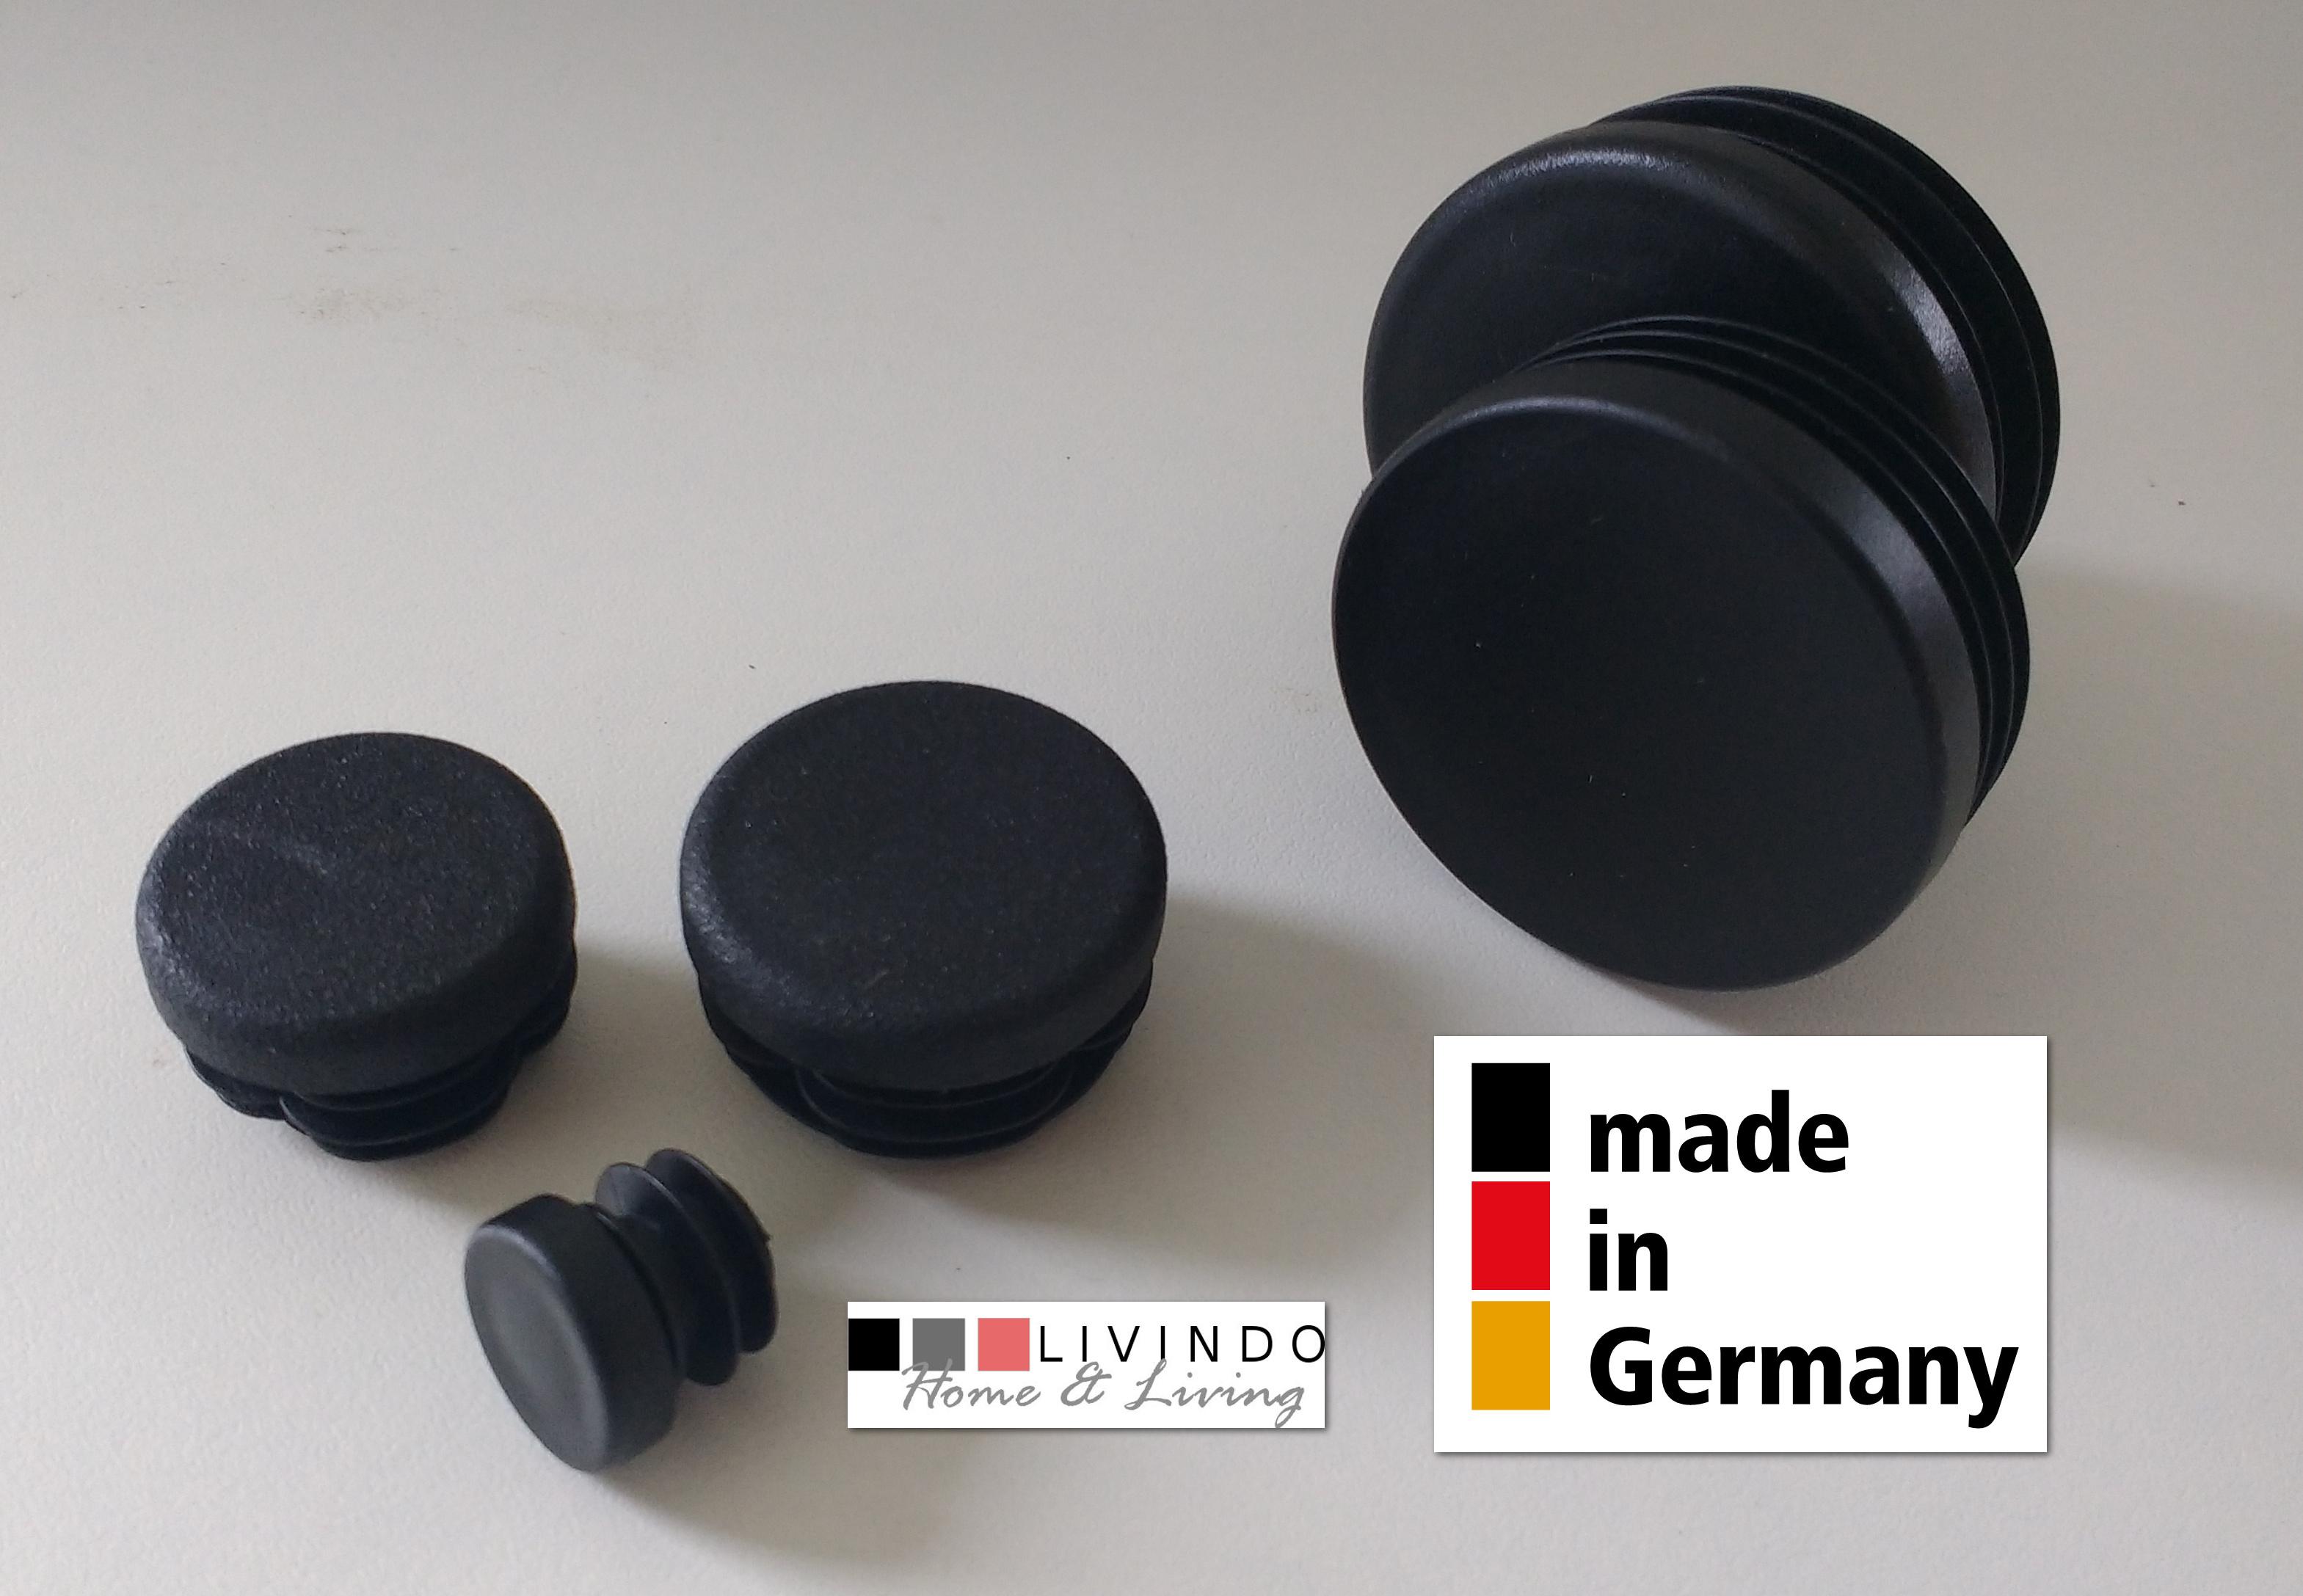 10 Stck. Lamellenstopfen Rohrstopfen Pfostenkappen Rund 15 mm Schwarz